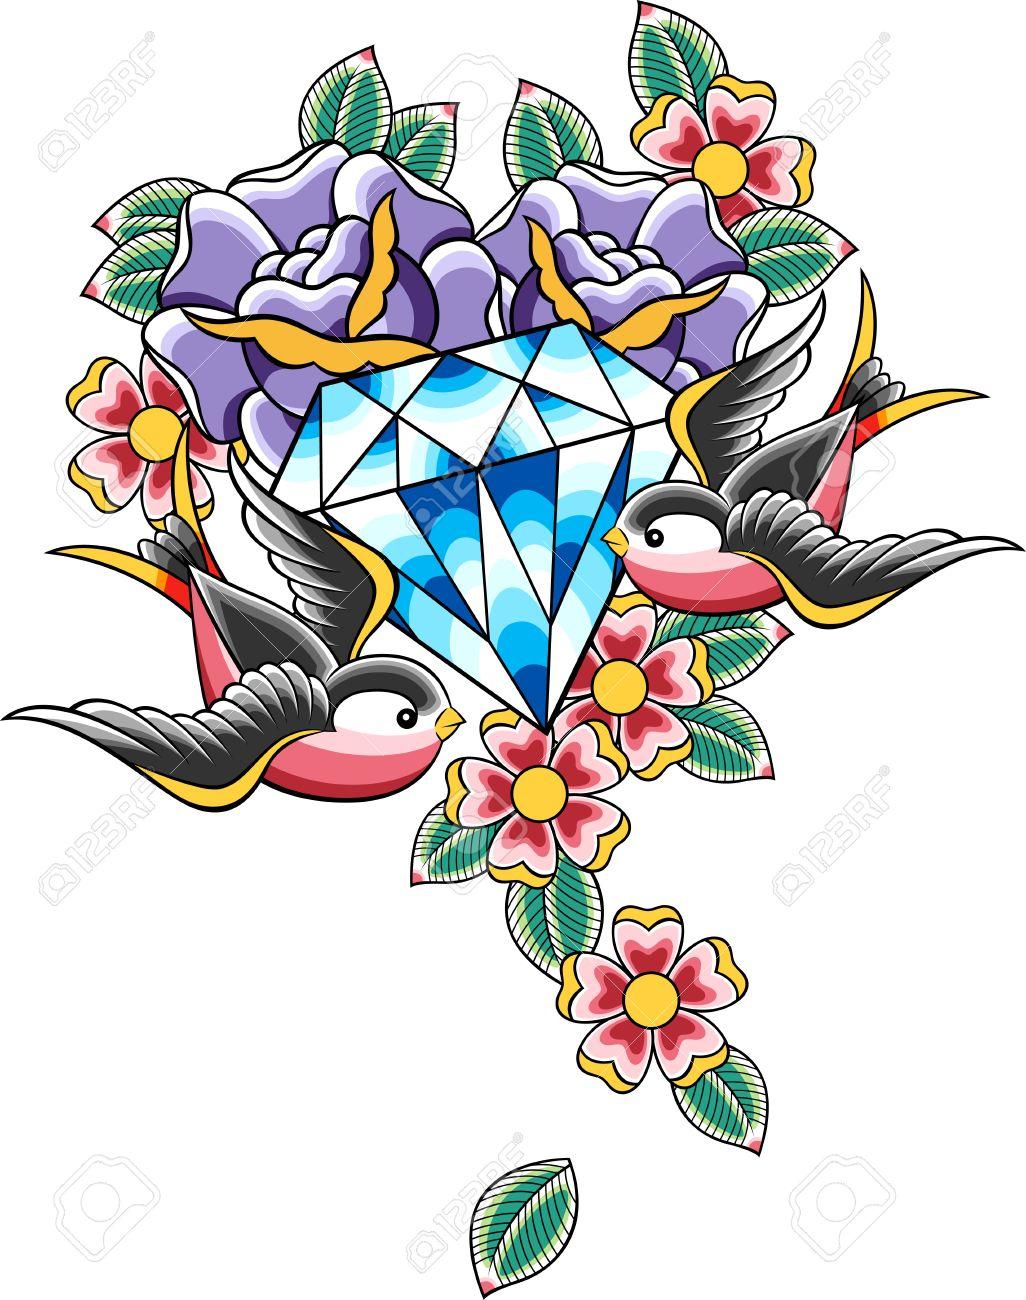 bird and diamond tattoo Stock Vector - 10460486